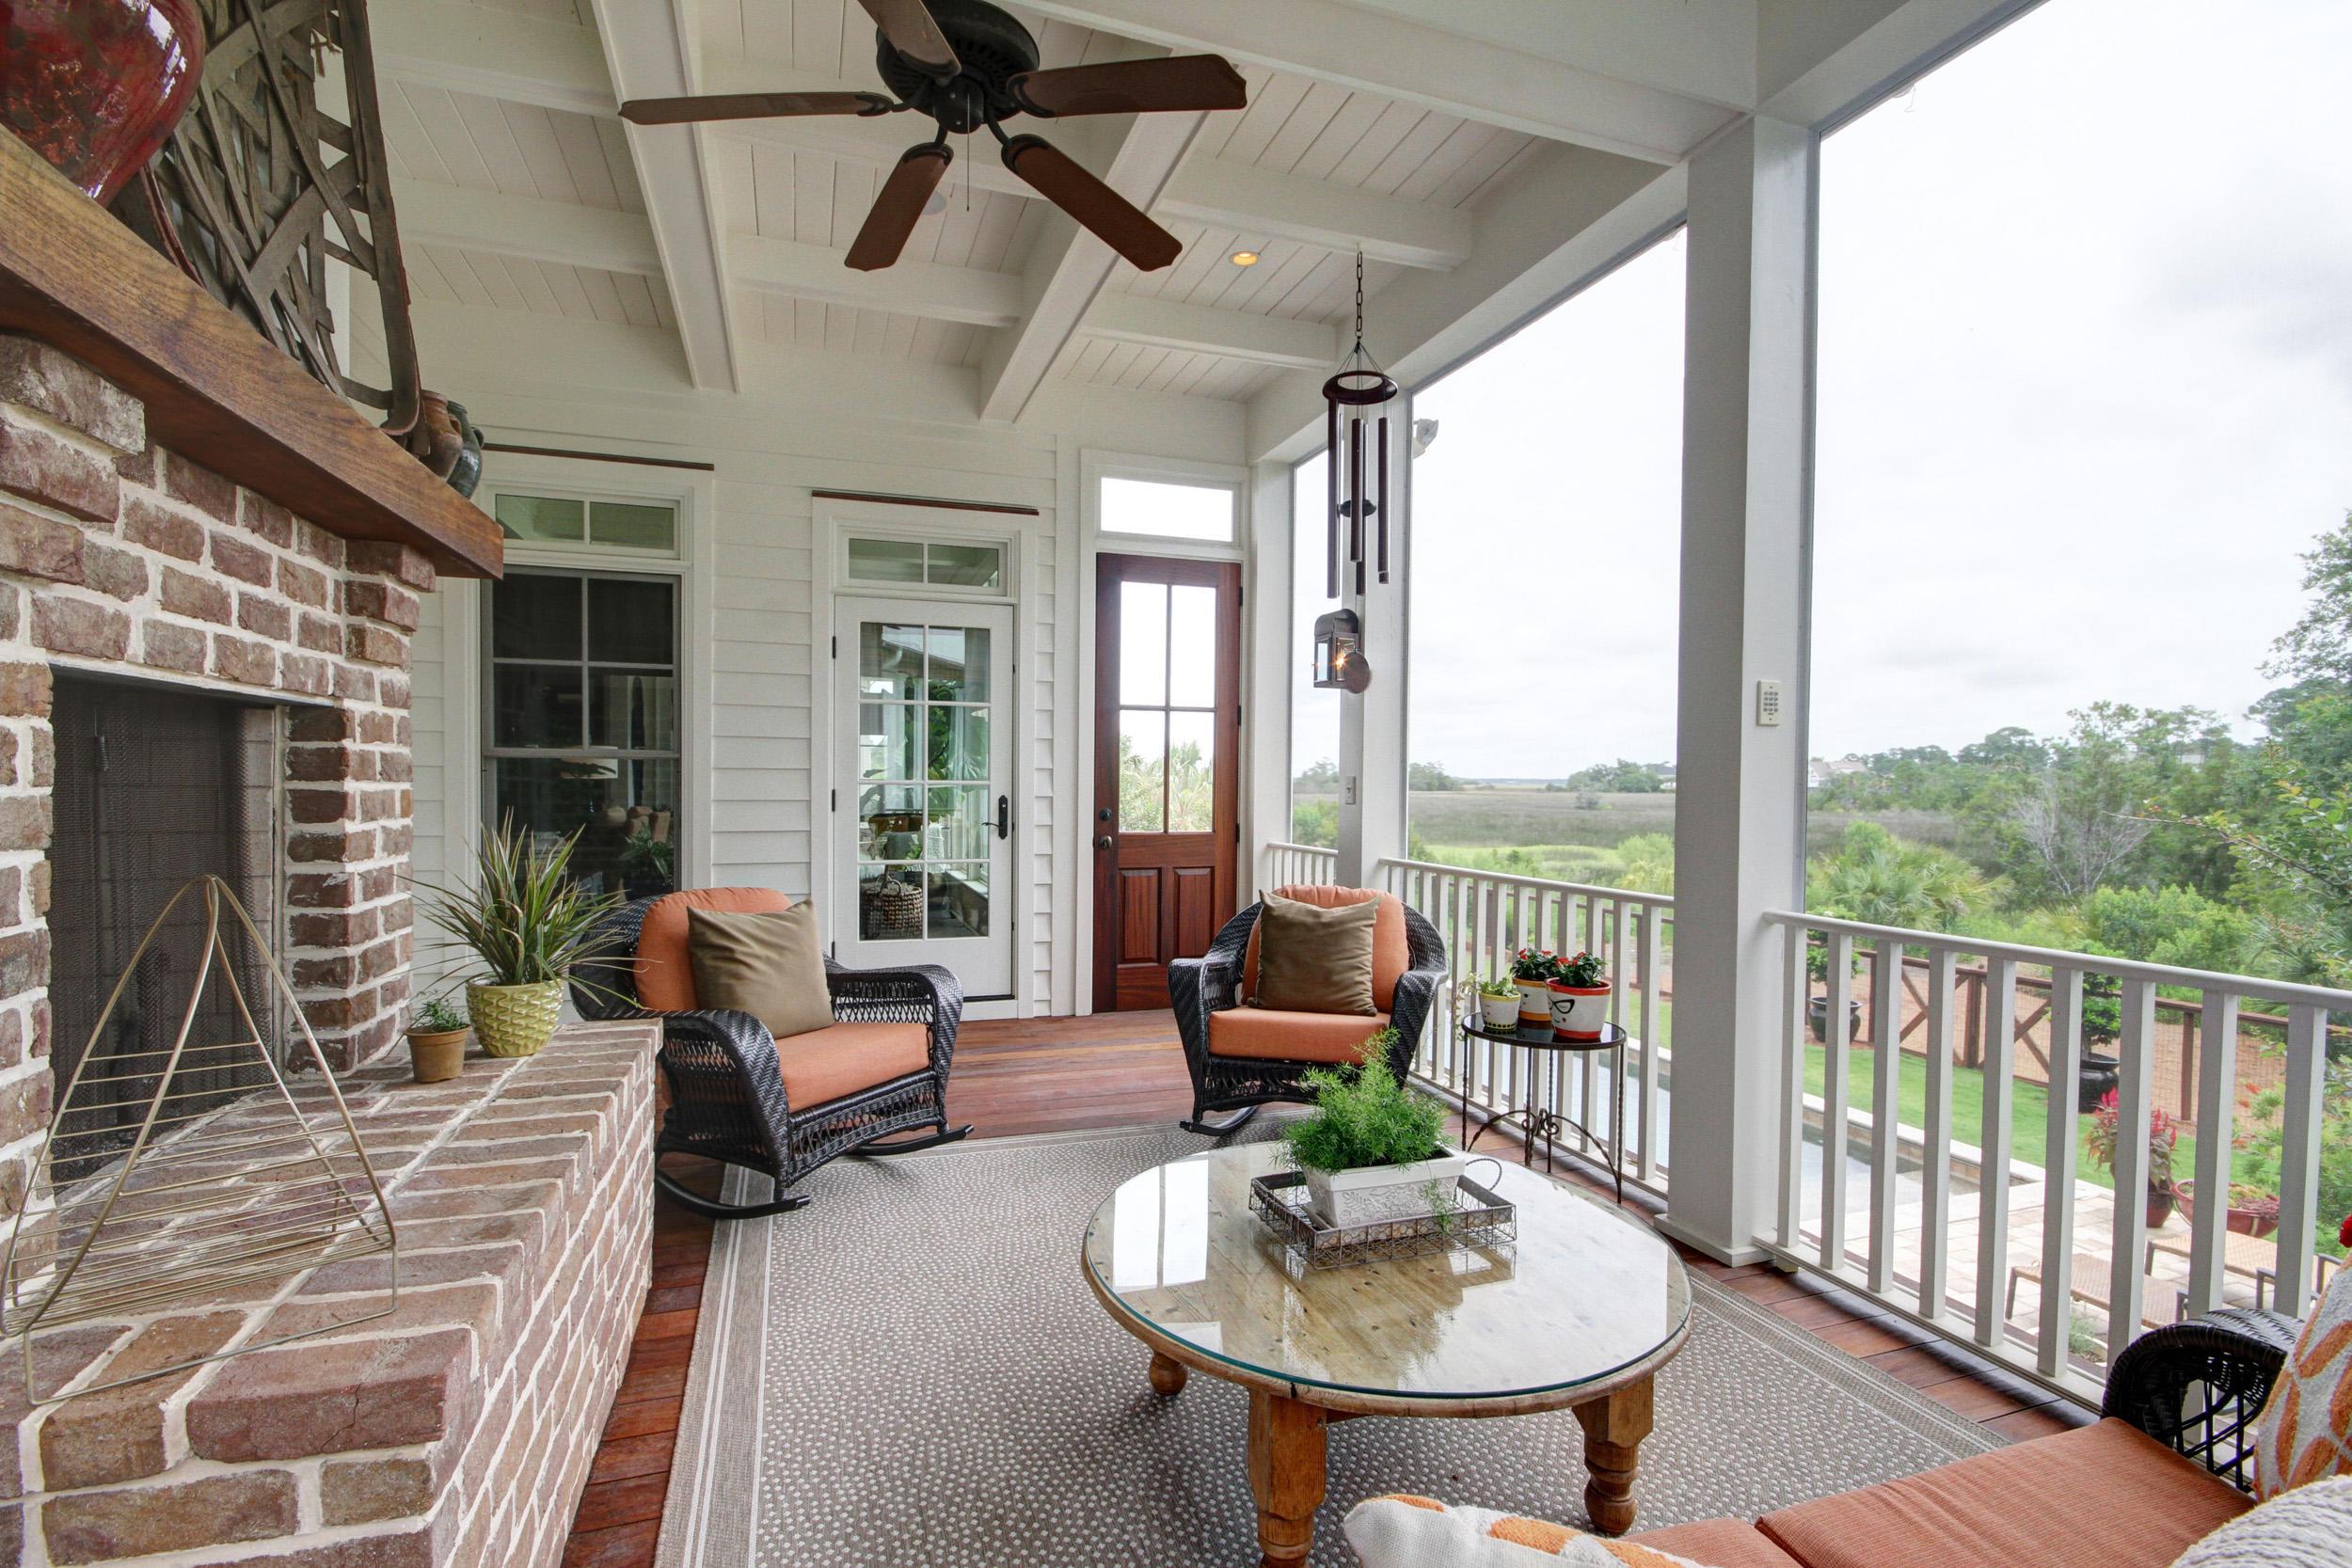 Belle Hall Homes For Sale - 821 Bridgetown Pass, Mount Pleasant, SC - 0